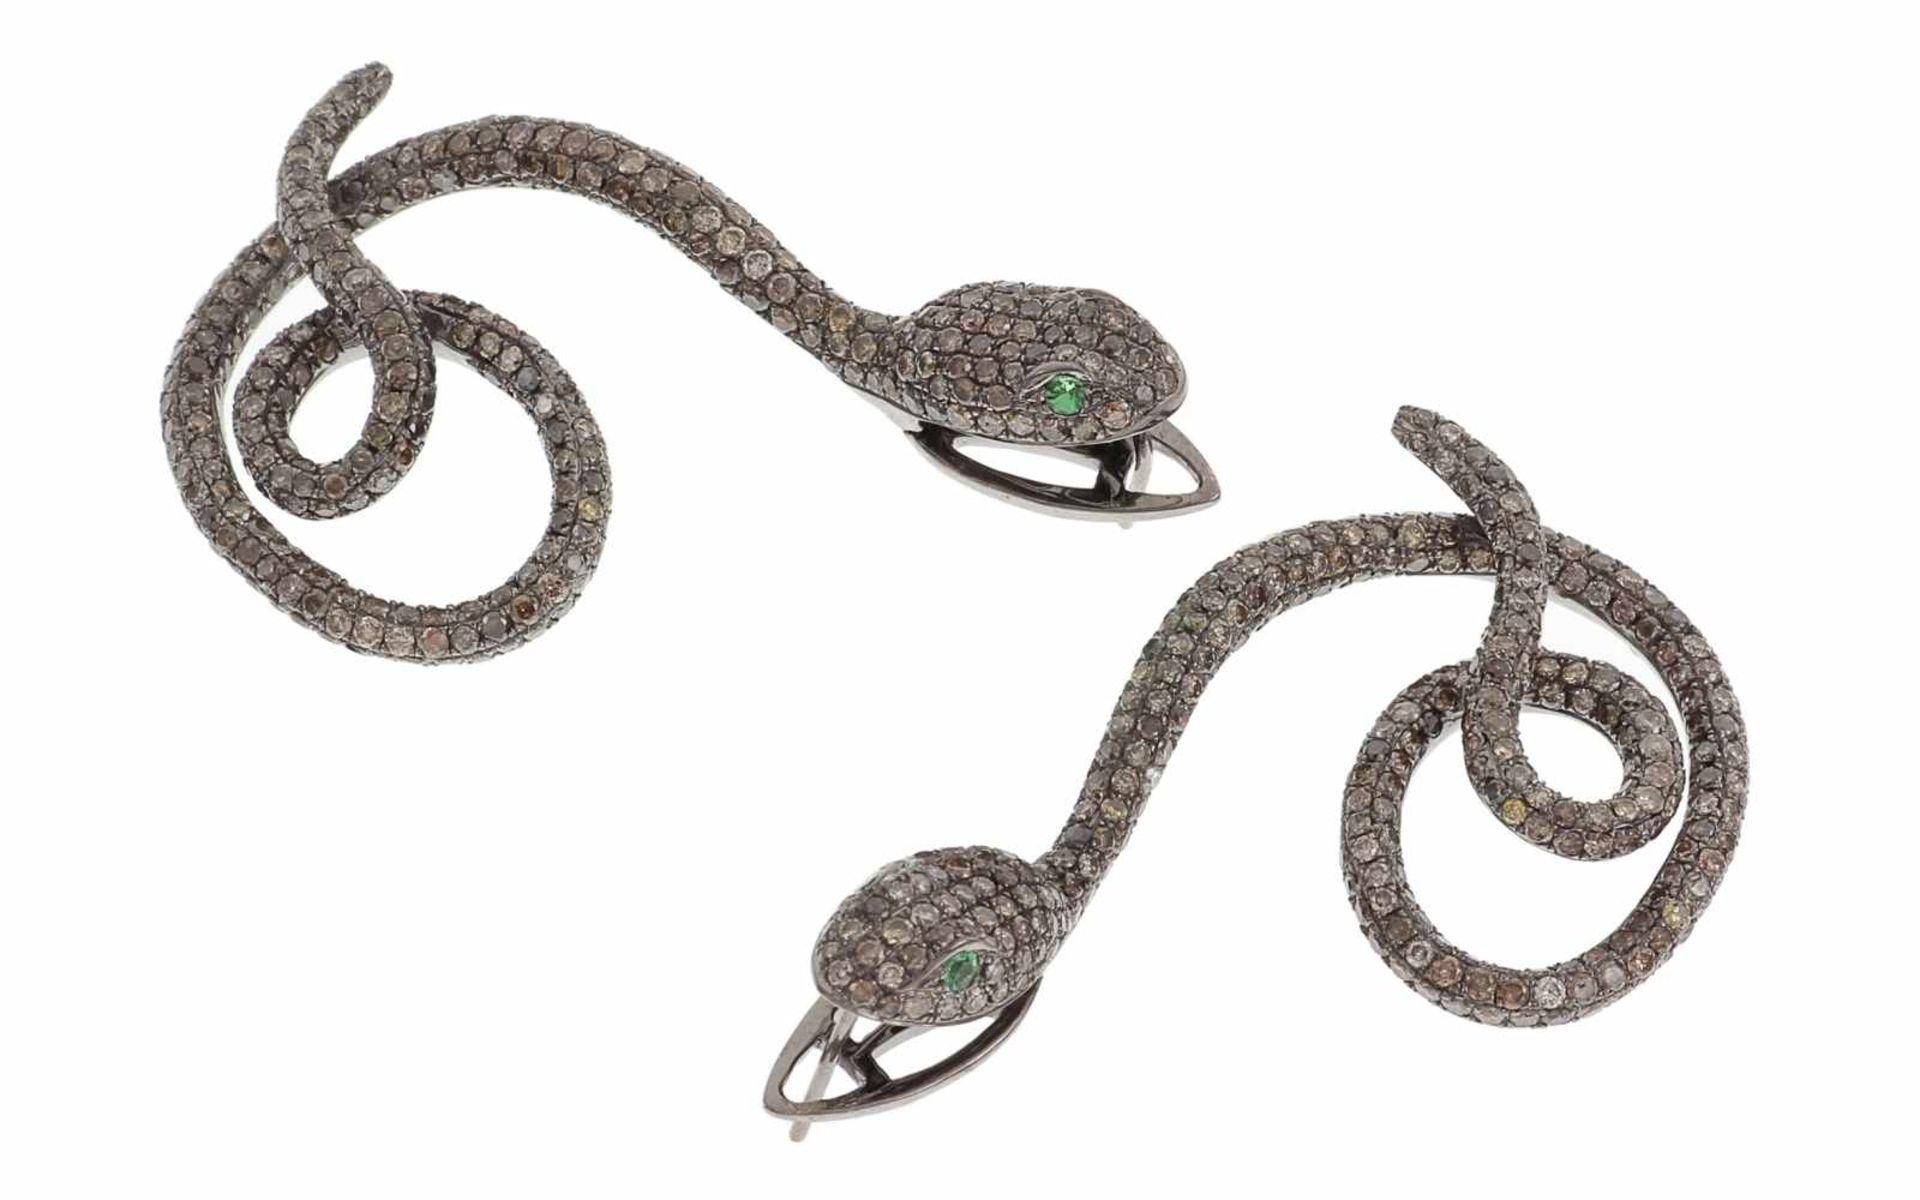 OhrschmuckOhrschmuck Schlange 18K RG mit braunen Diamanten 7,30 ct und Tsavorithen 0,11 ct Omega